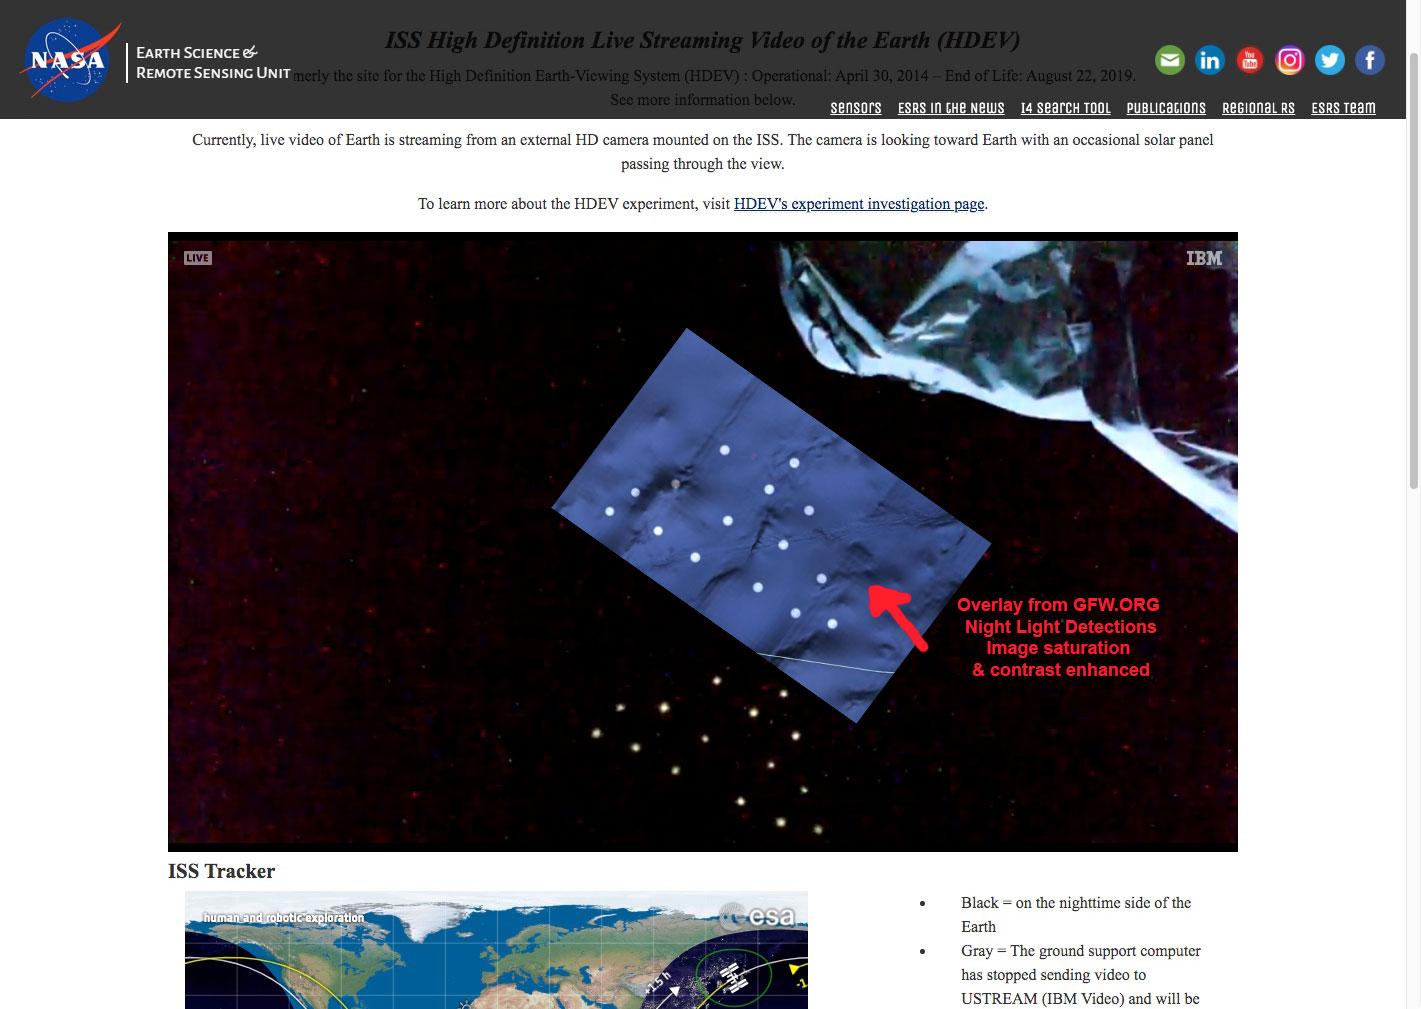 ISSSquidBoatsGFW.jpg